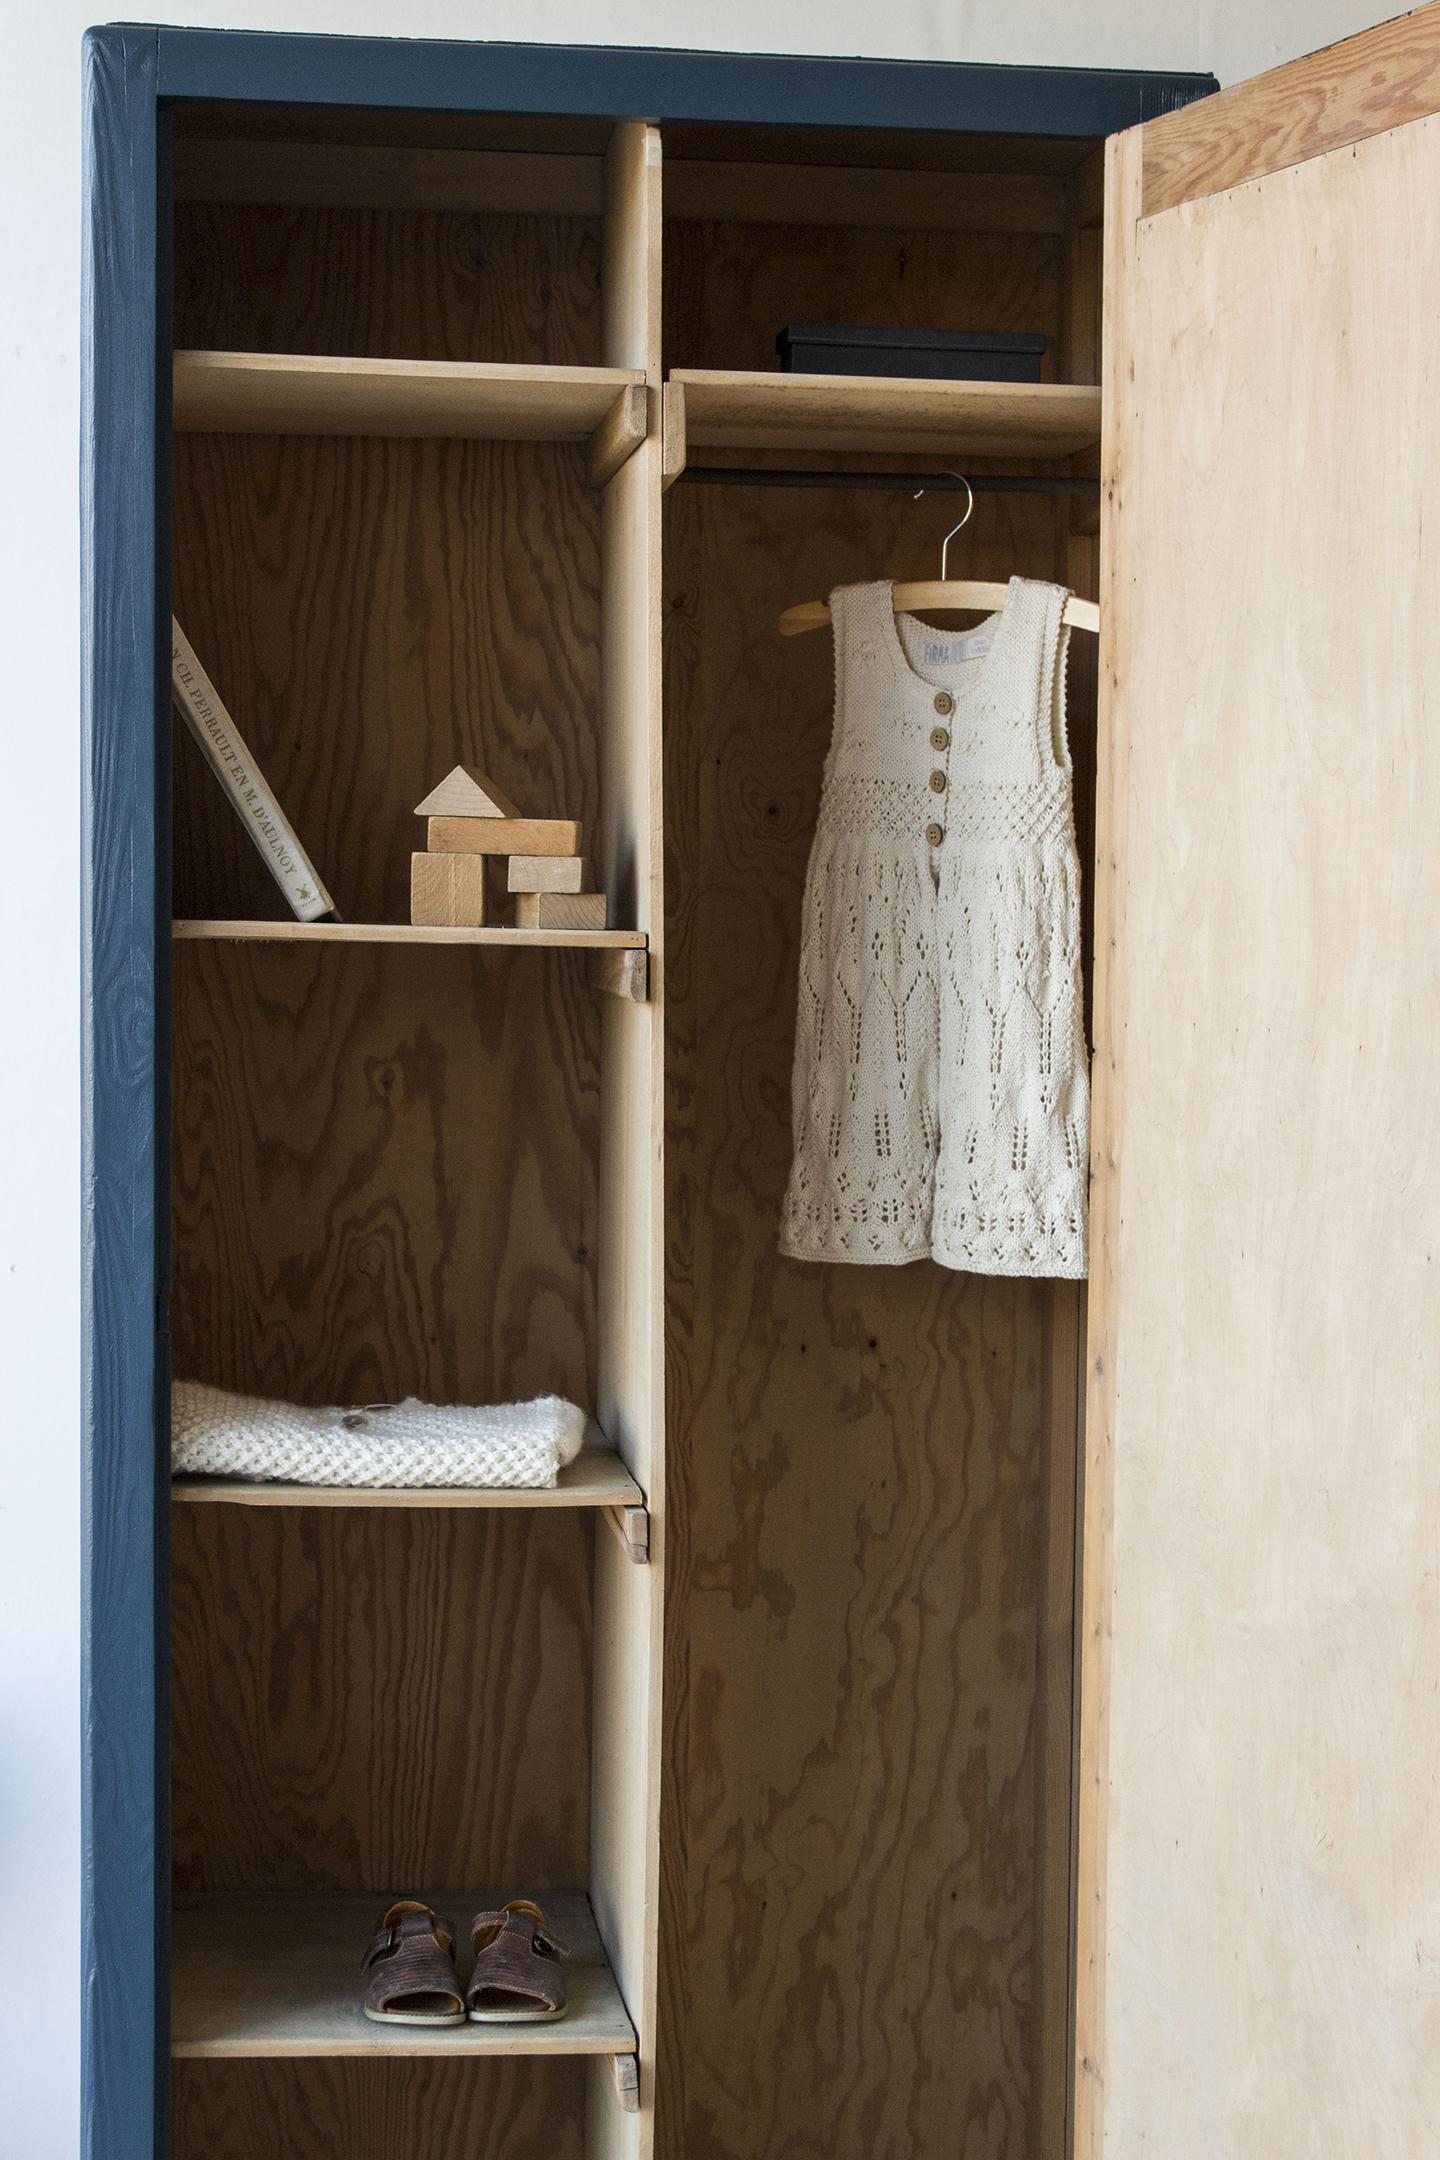 1420 - donkerblauwe vintage kledingkast - Firma zoethout_4.jpg